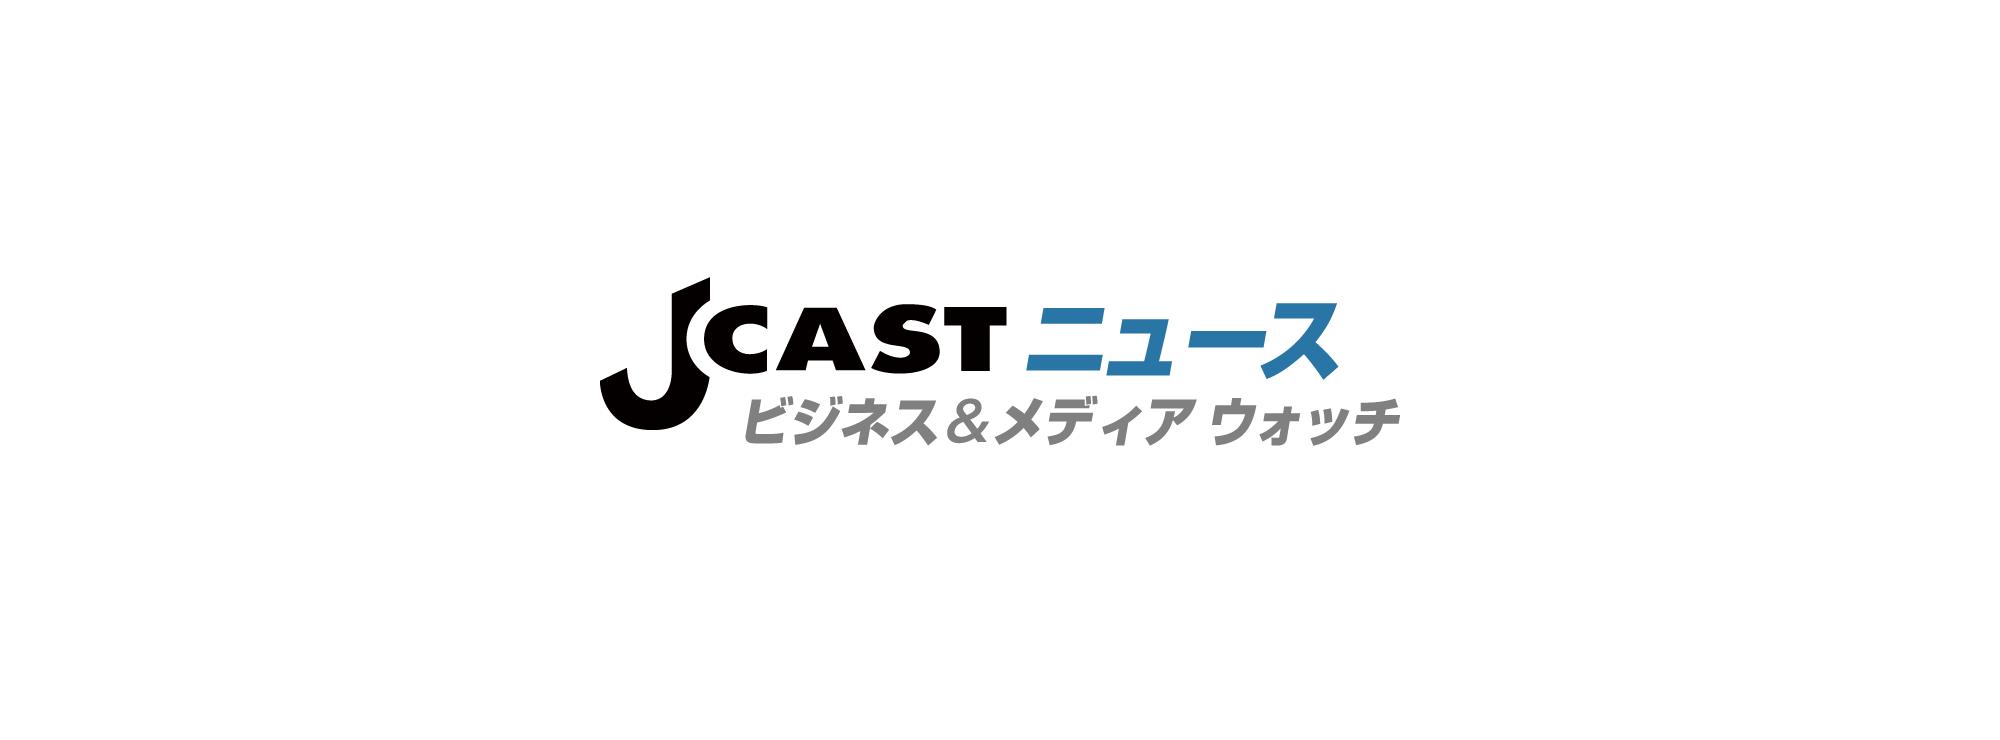 広瀬香美、ケンドリック・ラマーをディスる 新曲聞くと「イライラしてくる」 : J-CASTテレビウォッチ